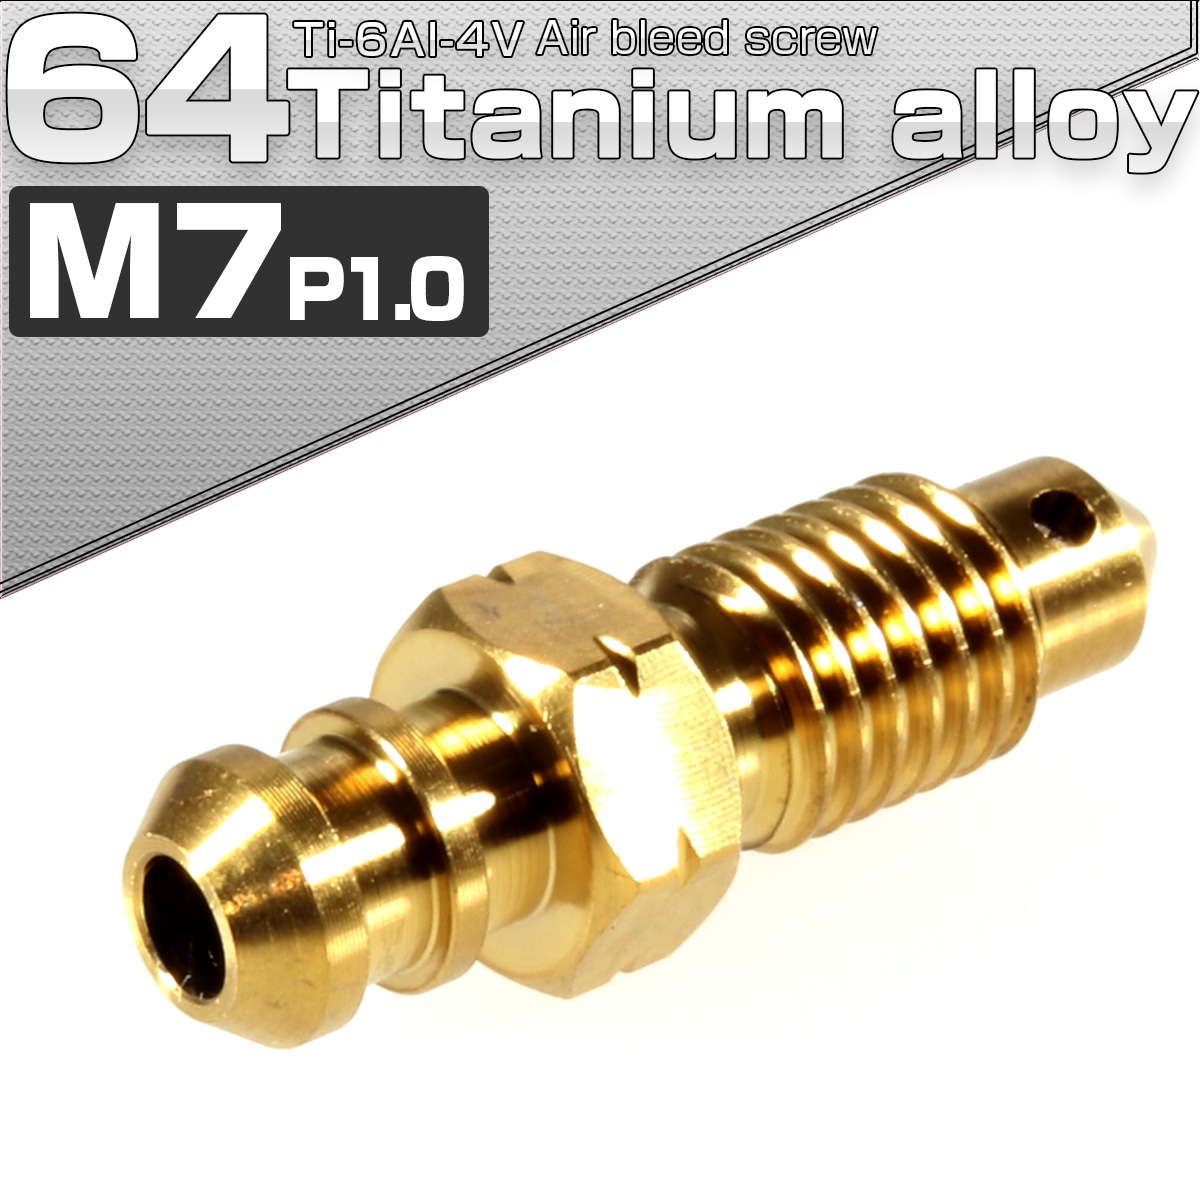 【ネコポス可】 64チタン エアブリード スクリュー M7 P1.00 ゴールド エアブリーダー バルブ JA082